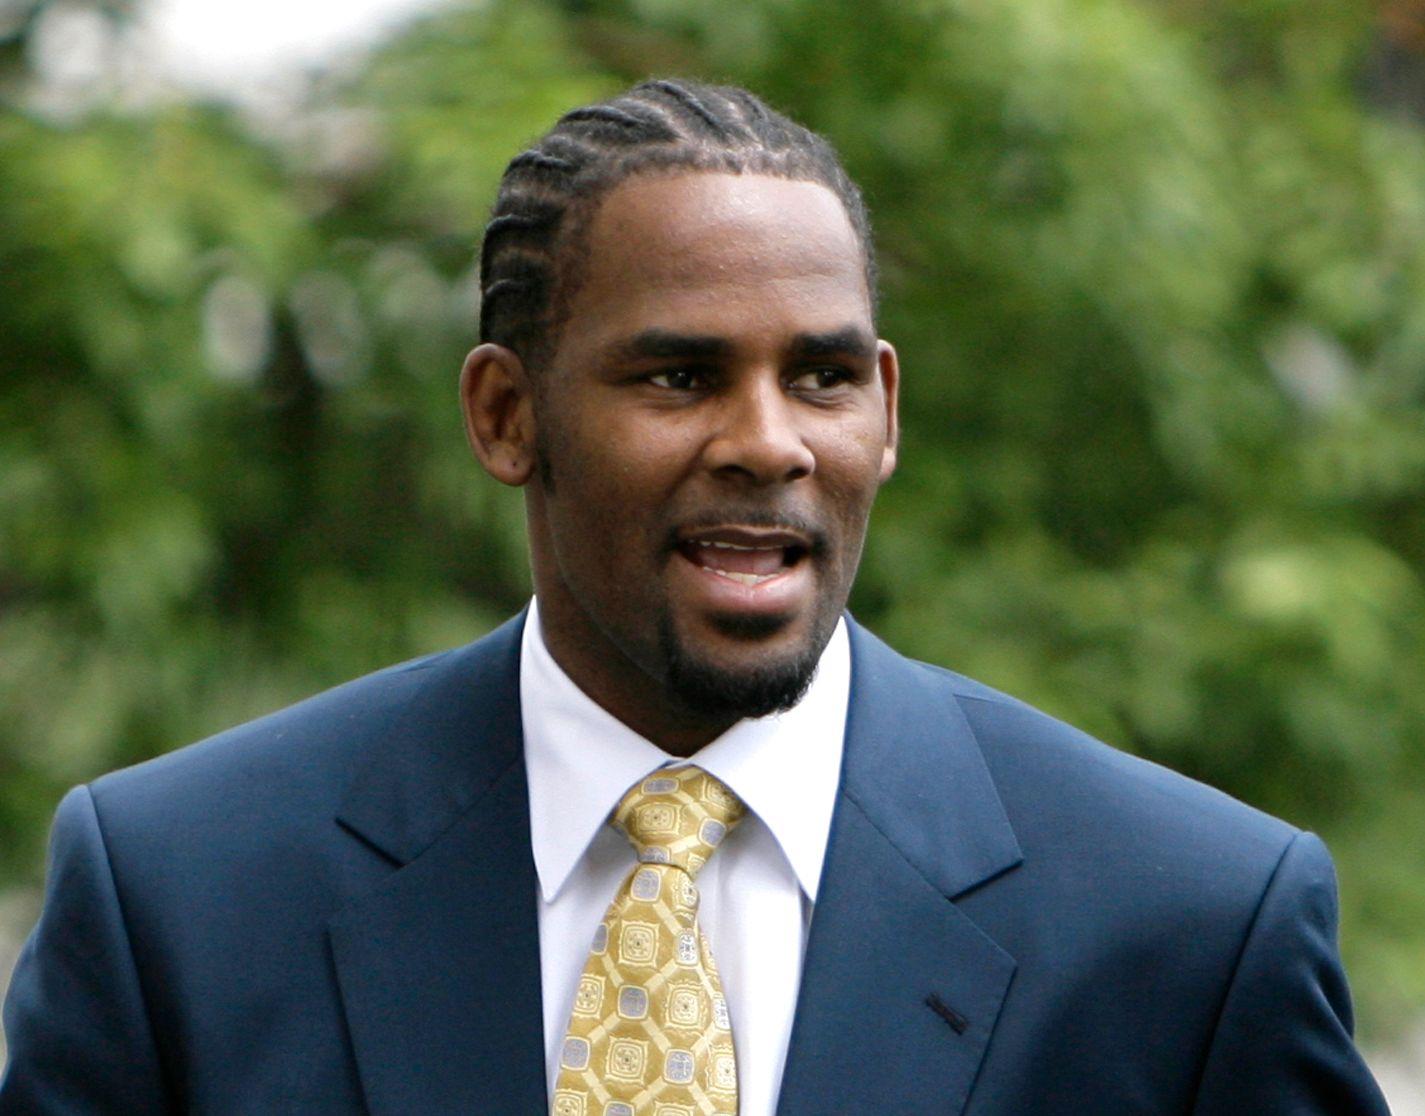 ANKLAGER I 24 ÅR: Kontroversene mot R&B-artisten R. Kelly startet i 1994 da han giftet seg med 15 år gamle Aaliyah. Her fra 2008 da han var i retten.